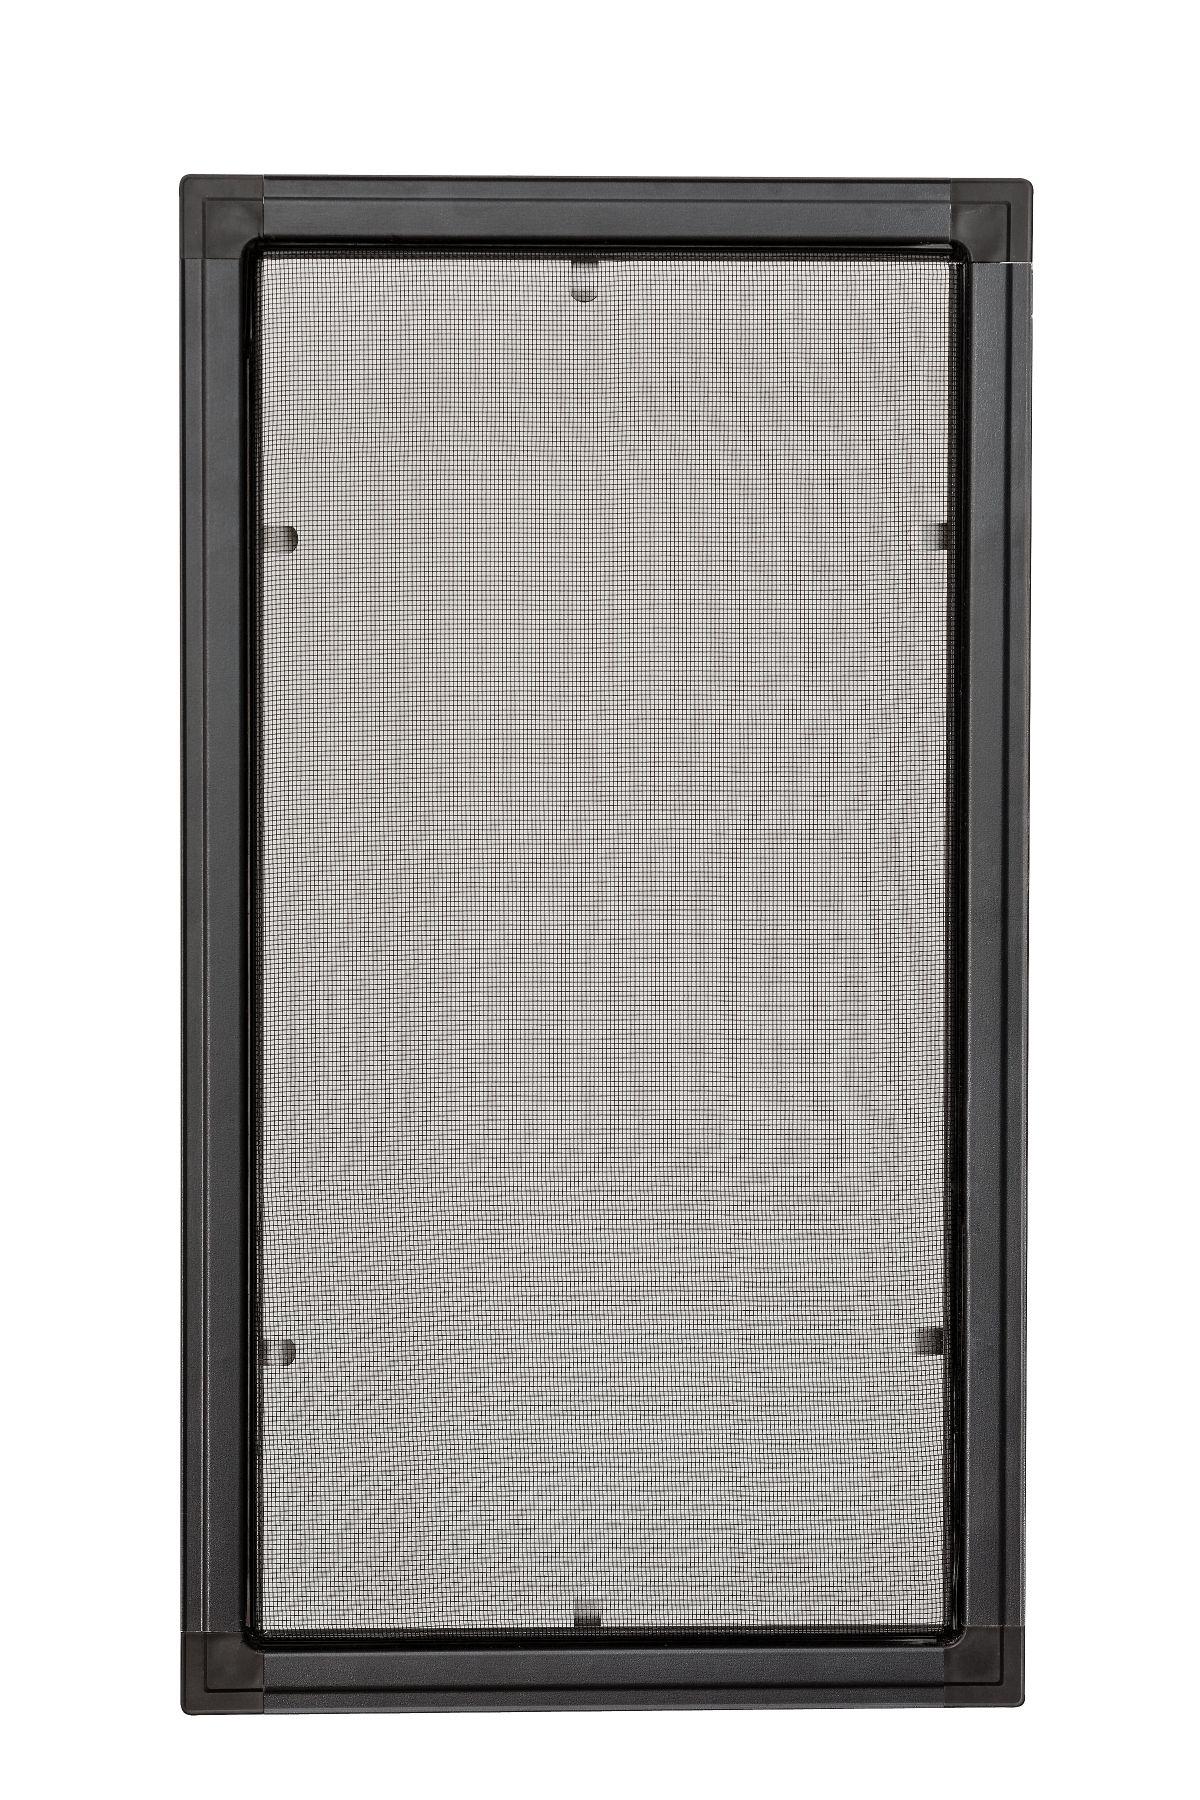 Moskitiery okienne Moskitiera ramkowa - antracyt, siatka szara